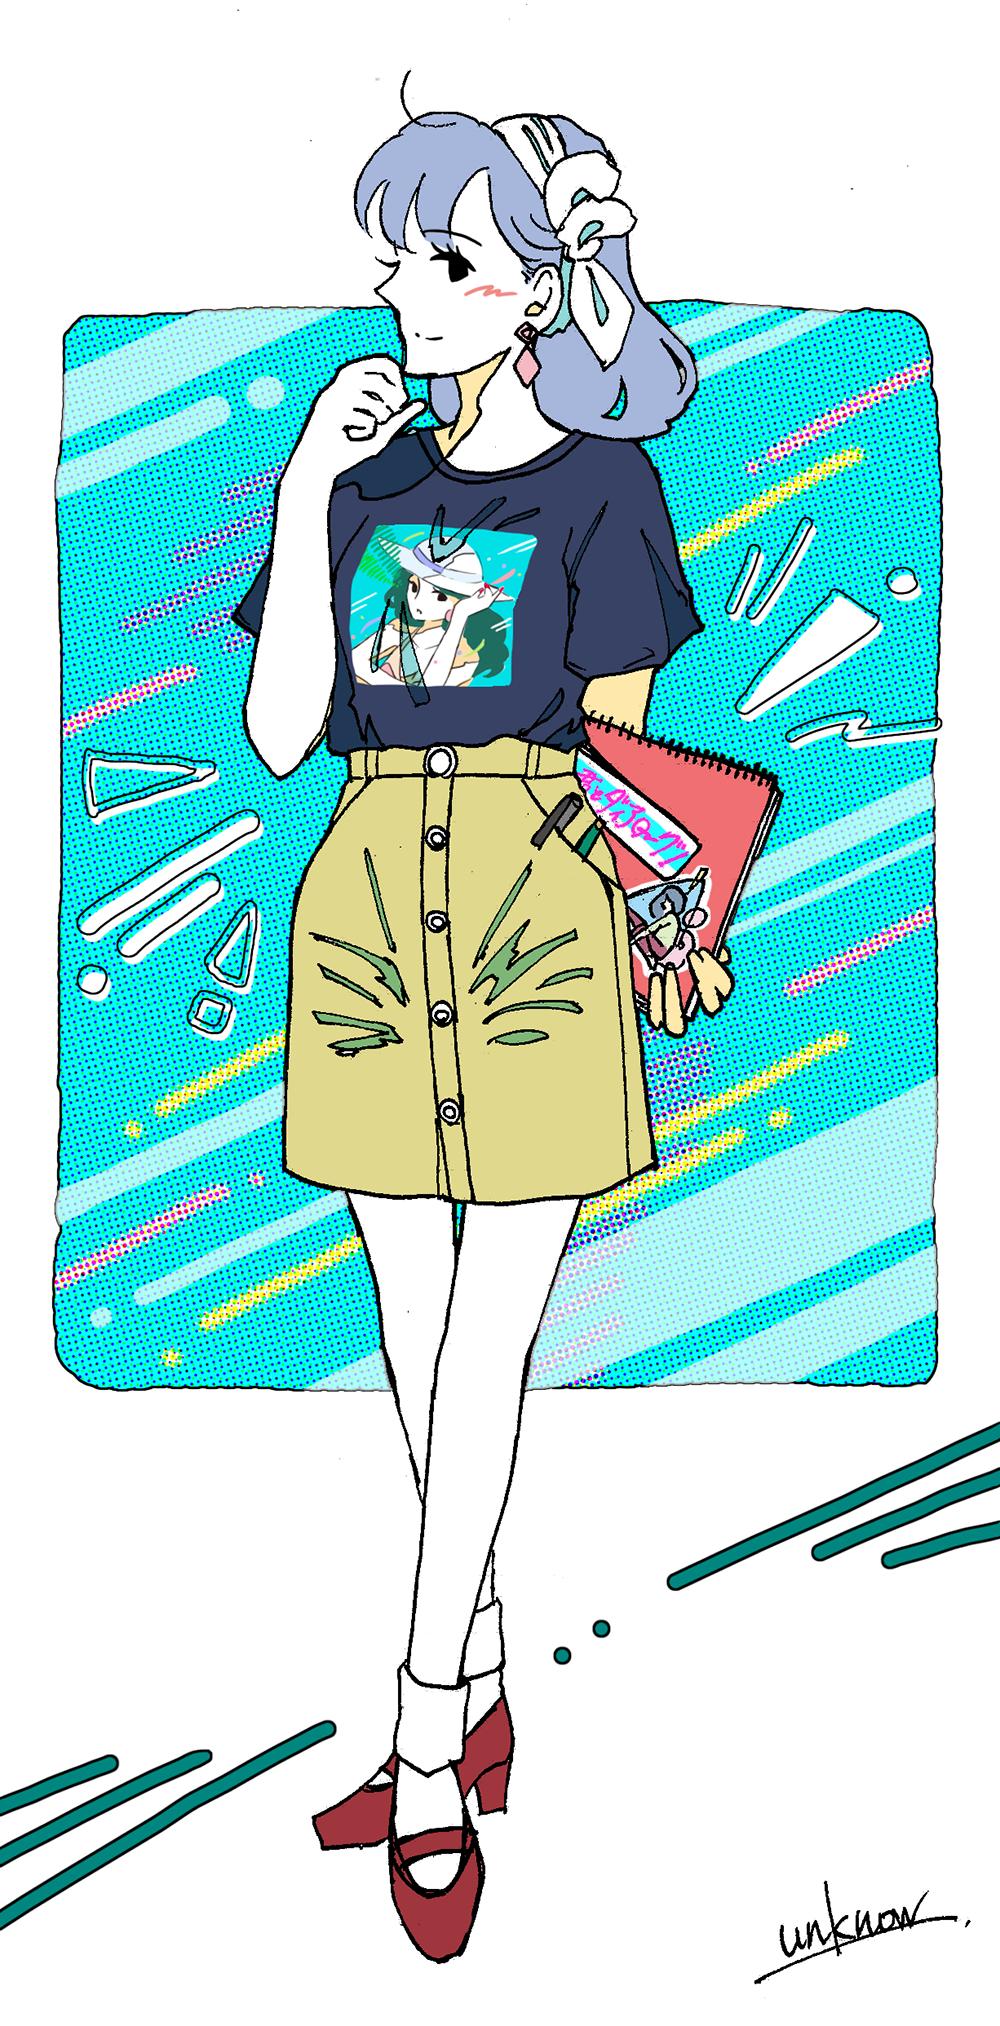 summer girlと共に②